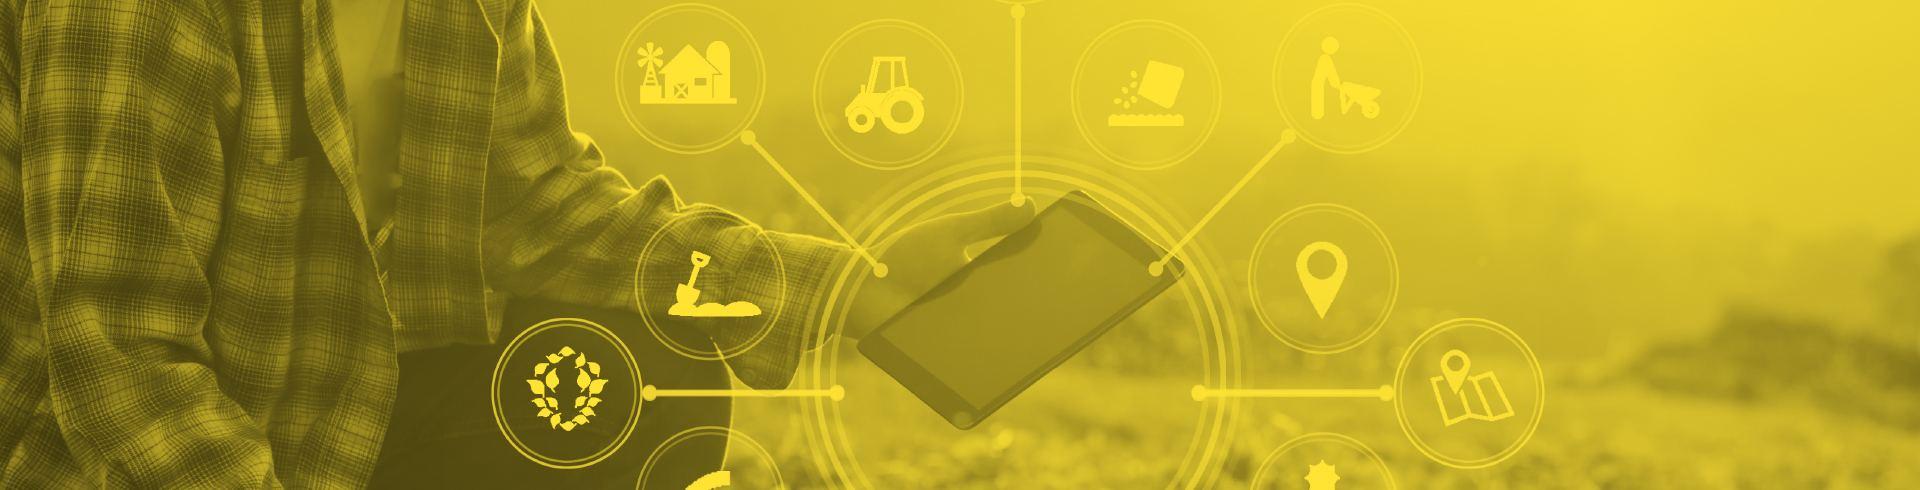 Agricultura de precisión: introducción y ejemplos de aplicación